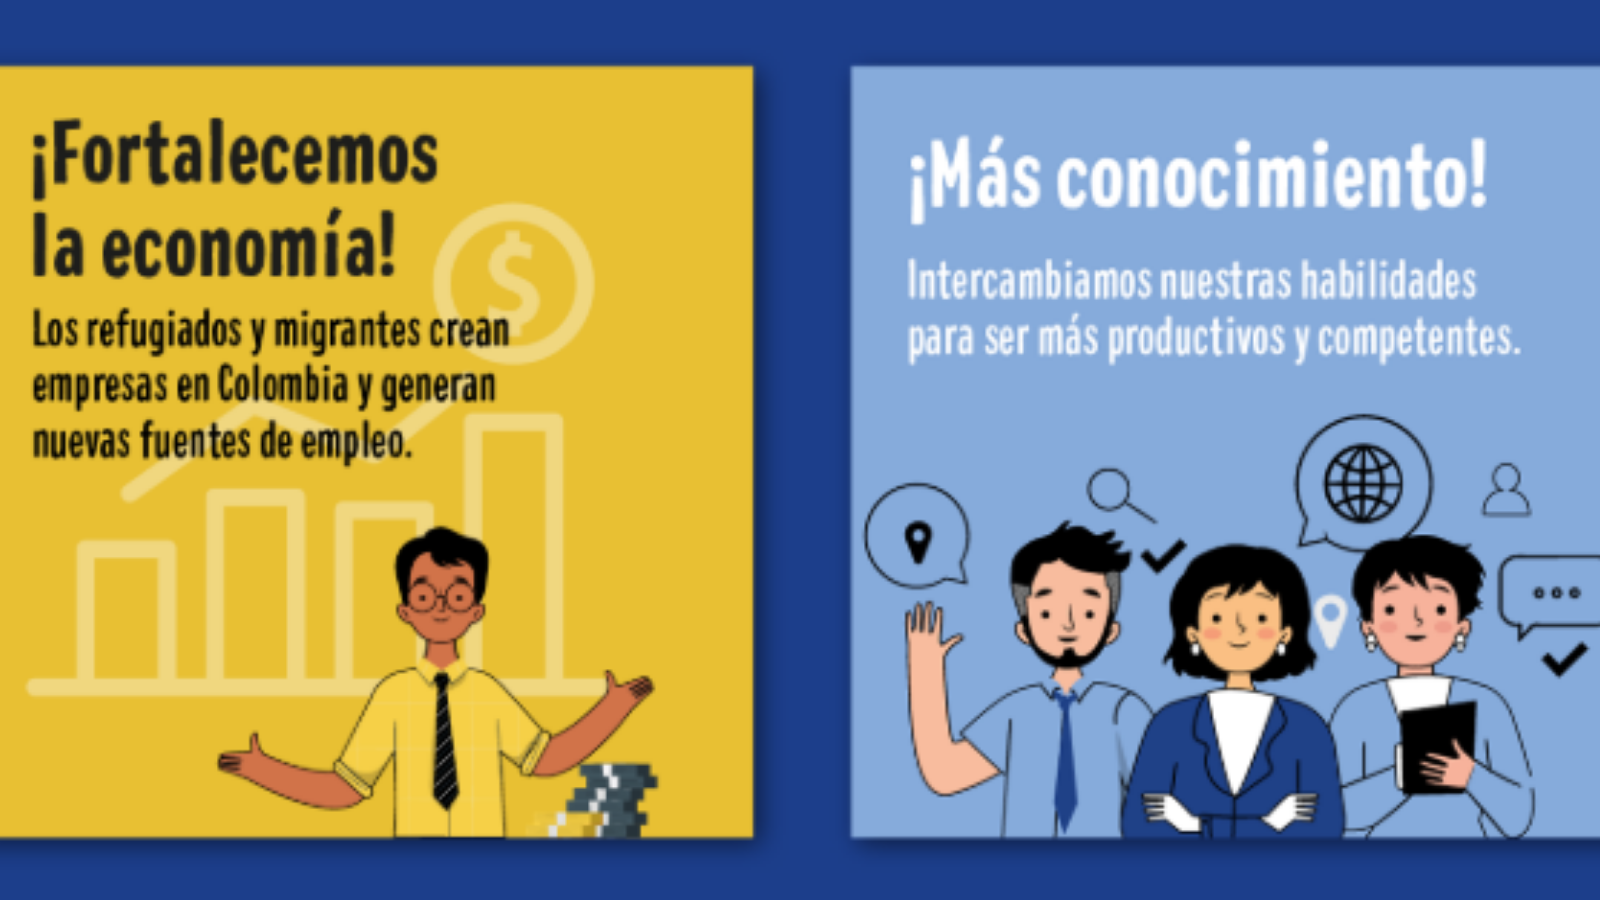 VIDEO | Artistas y deportistas se unen contra la xenofobia en Colombia